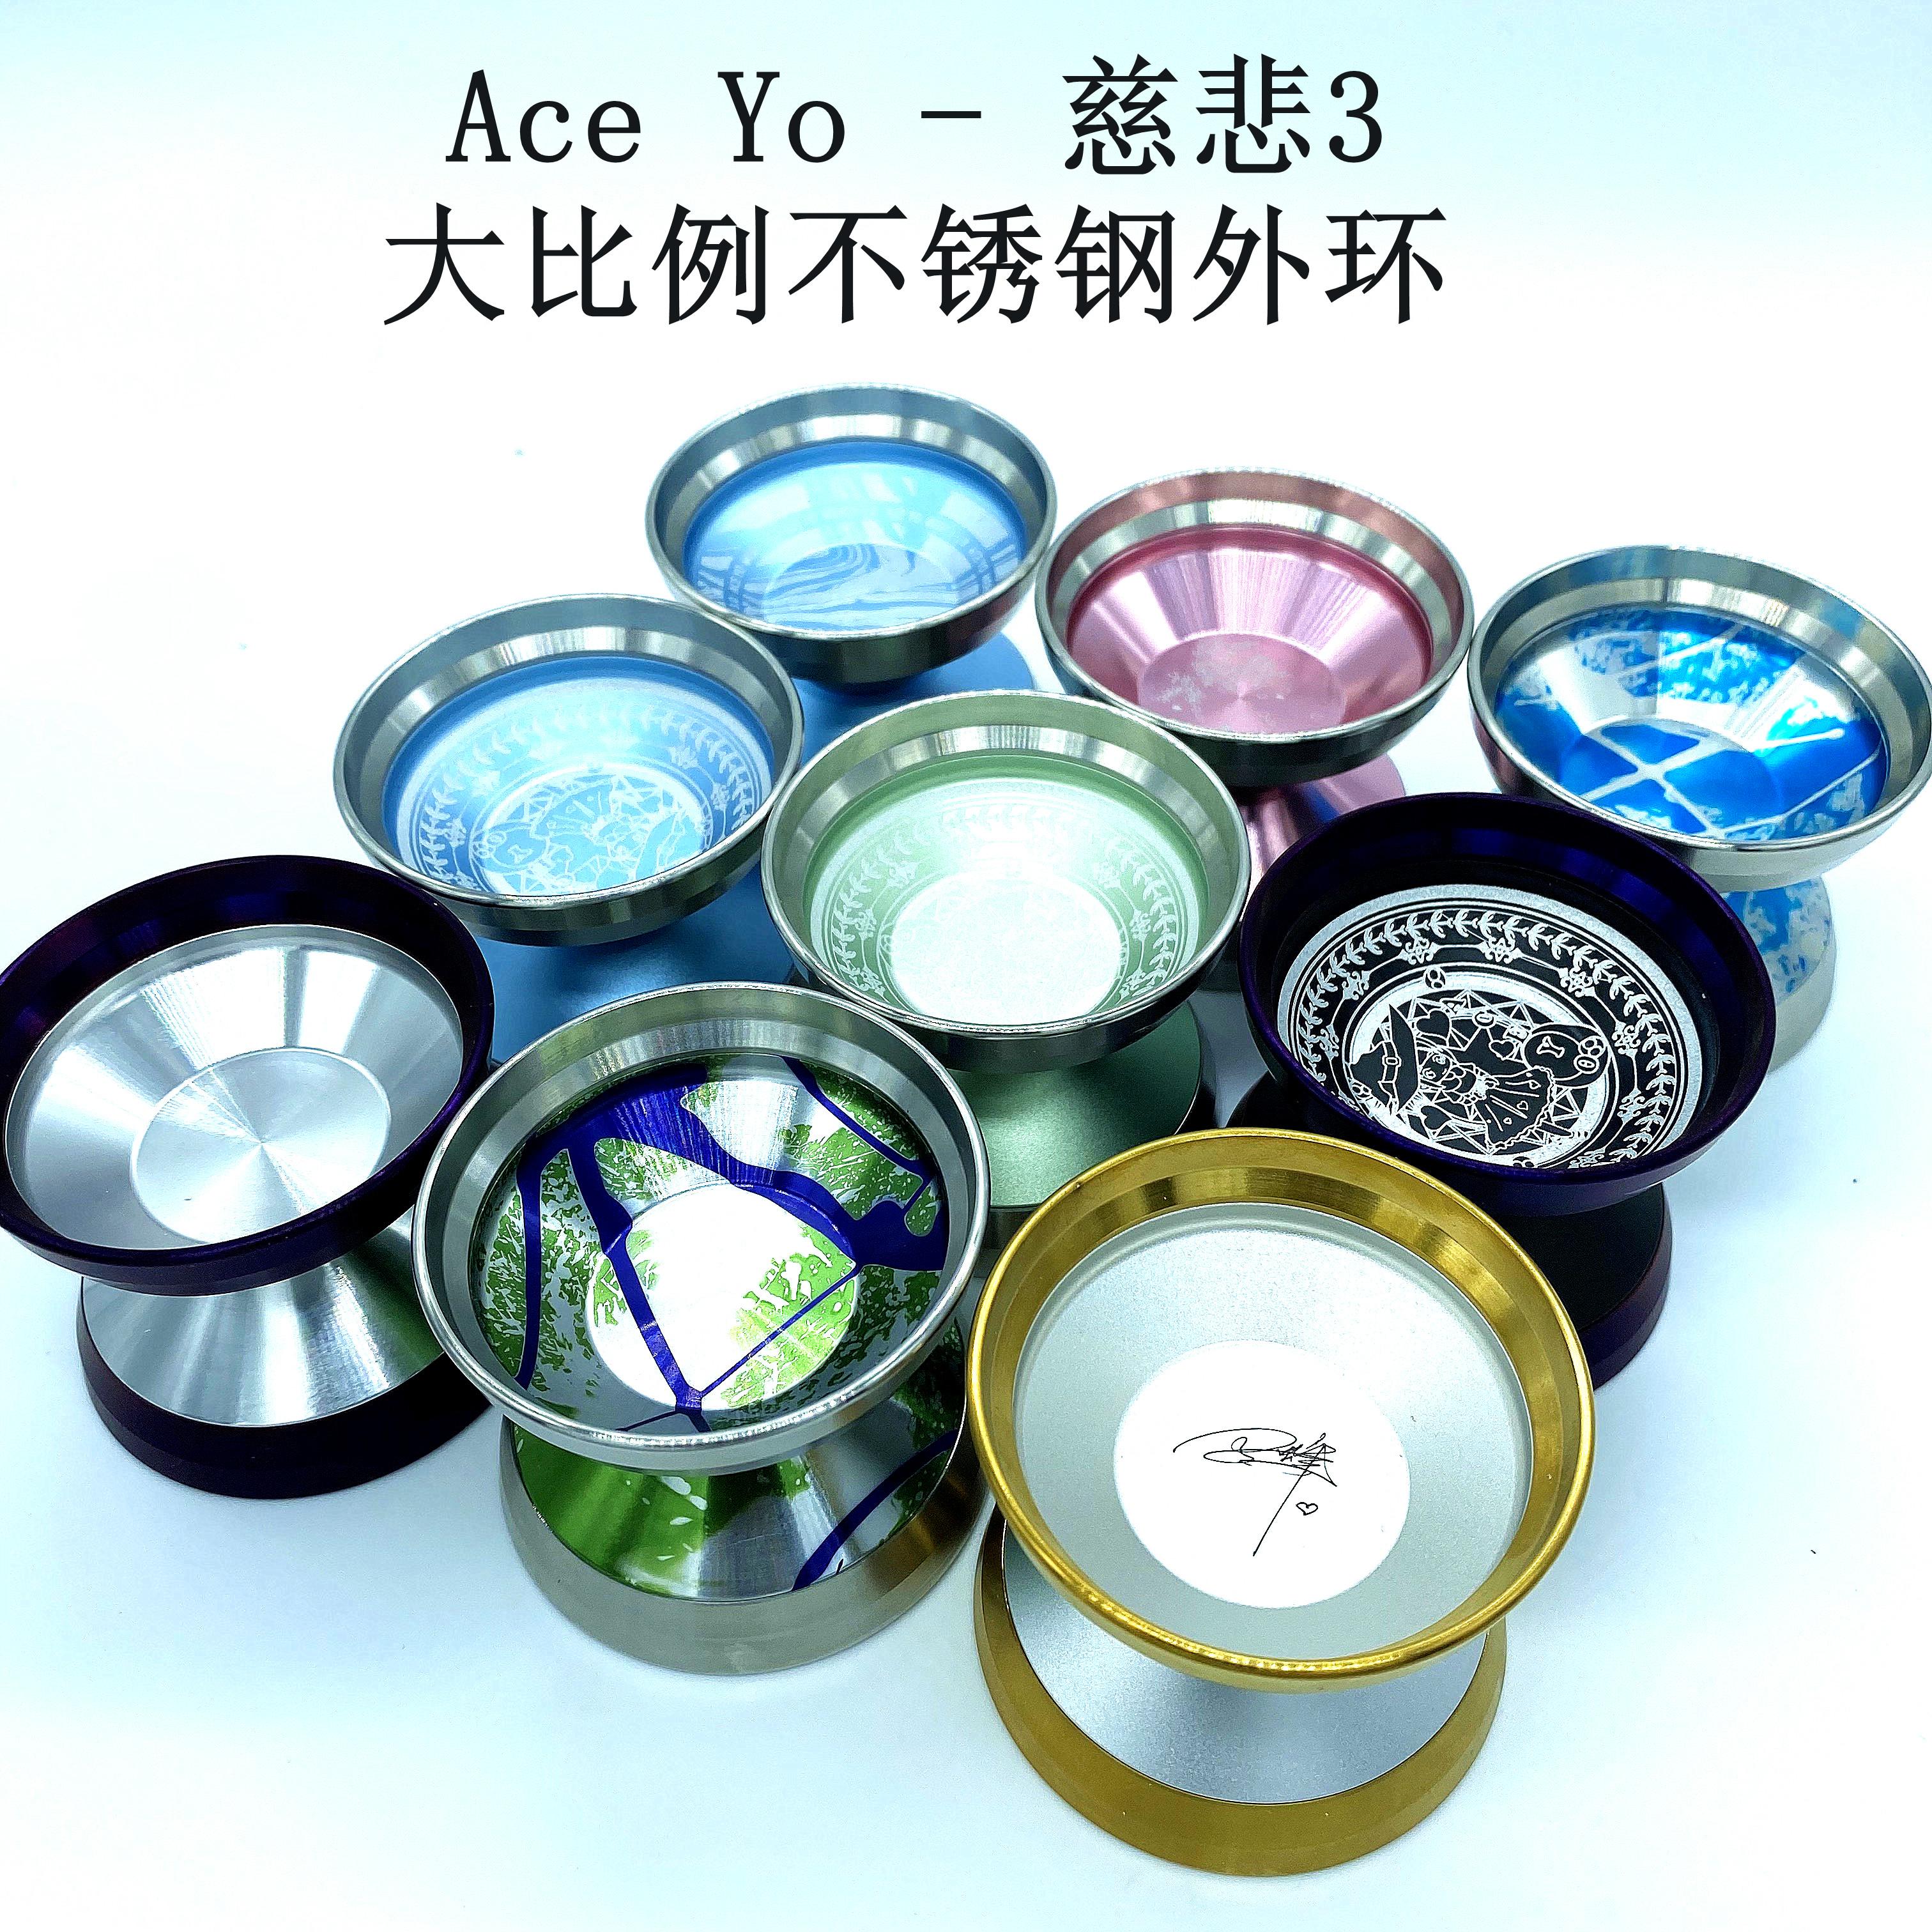 悠悠球 aceyo慈悲3 專業比賽悠悠球競技高級yoyo球溜溜球睡眠超長